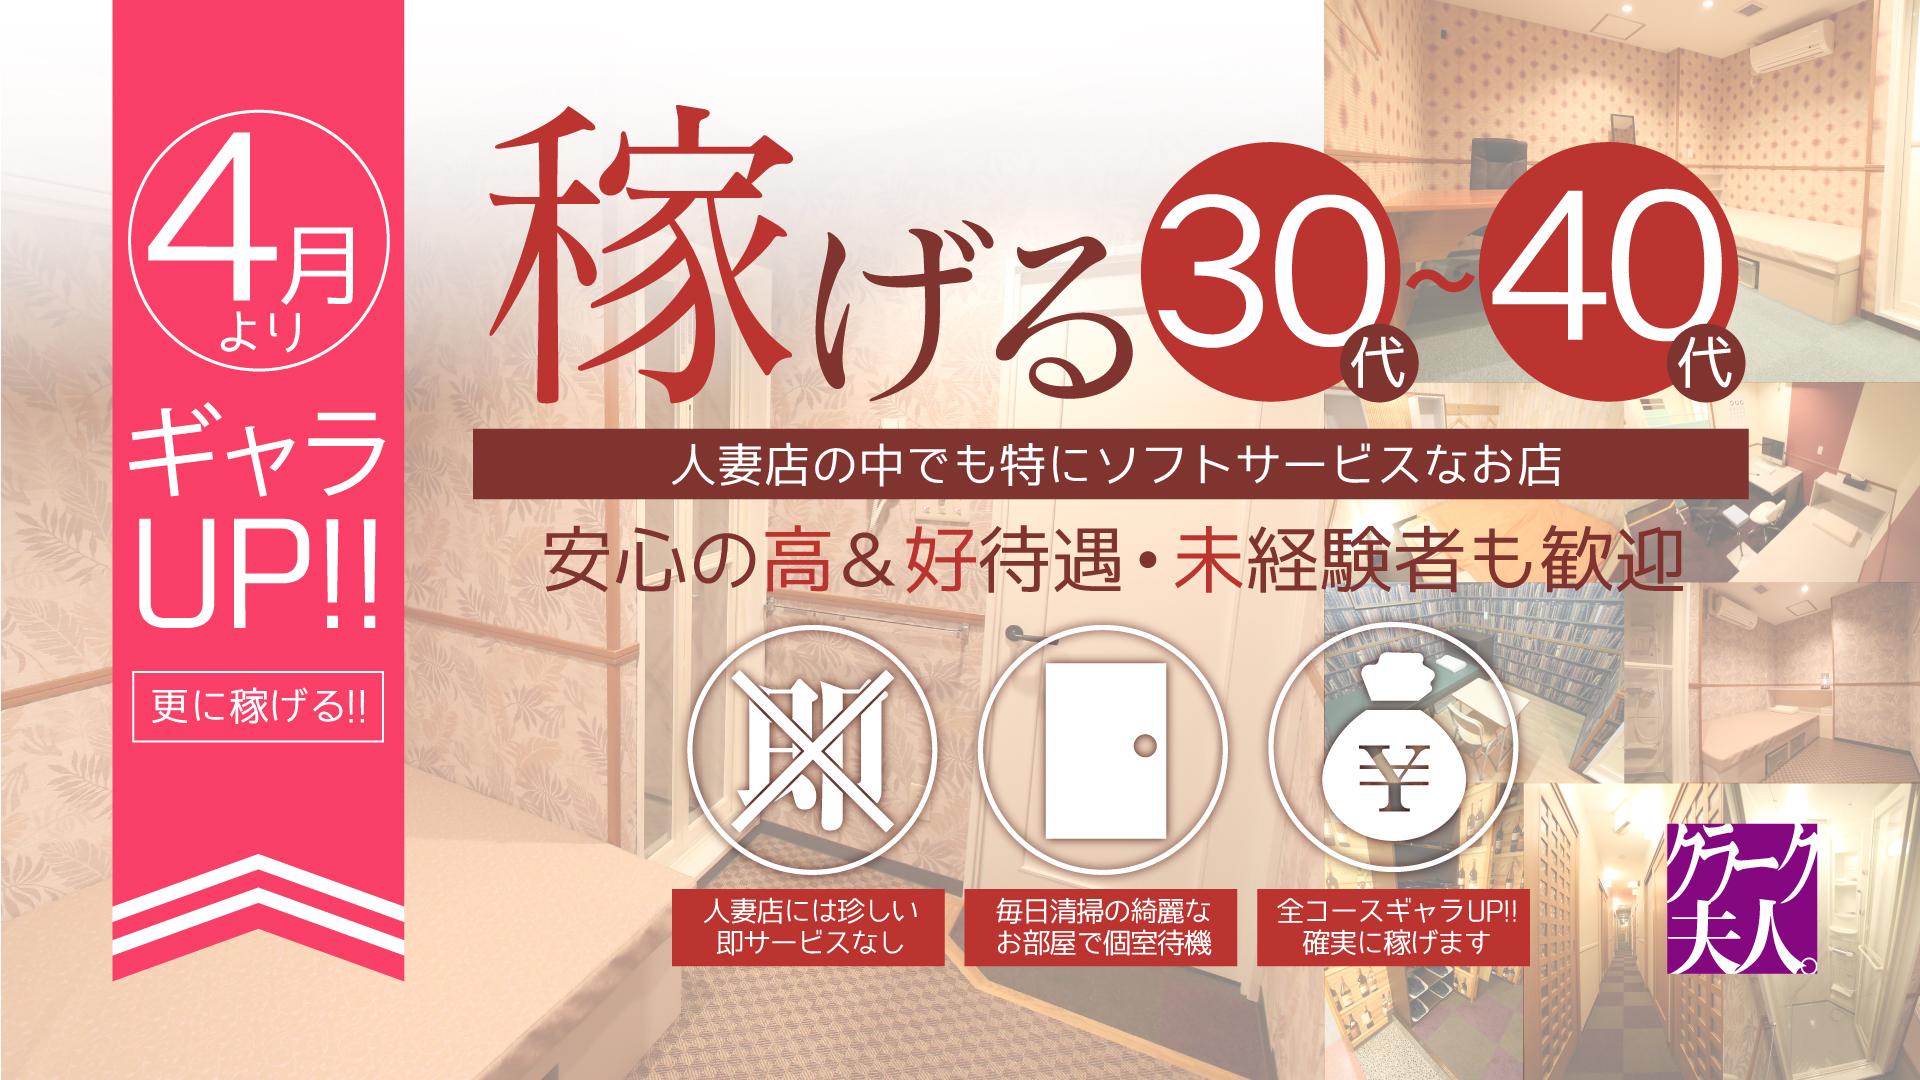 クラーク夫人(札幌ハレ系)の求人画像